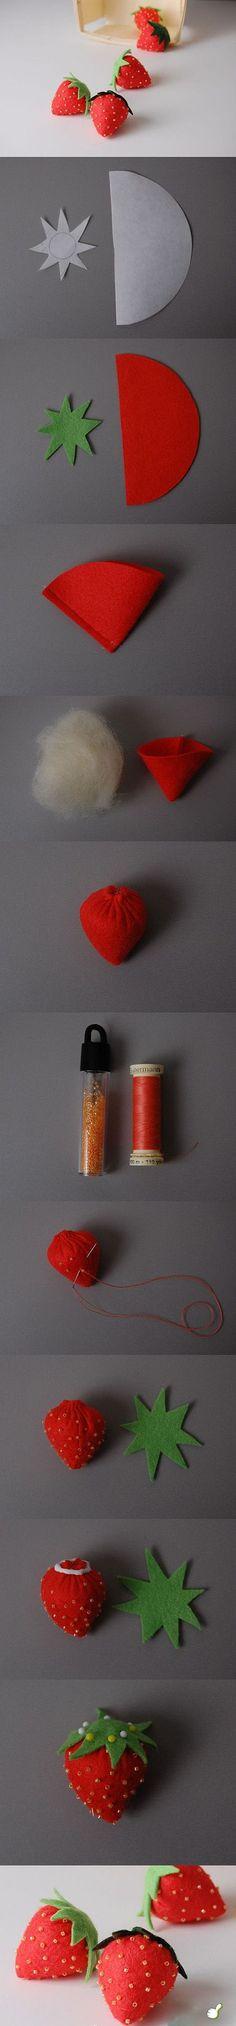 Aardbeien van vilt | Creative Expressions